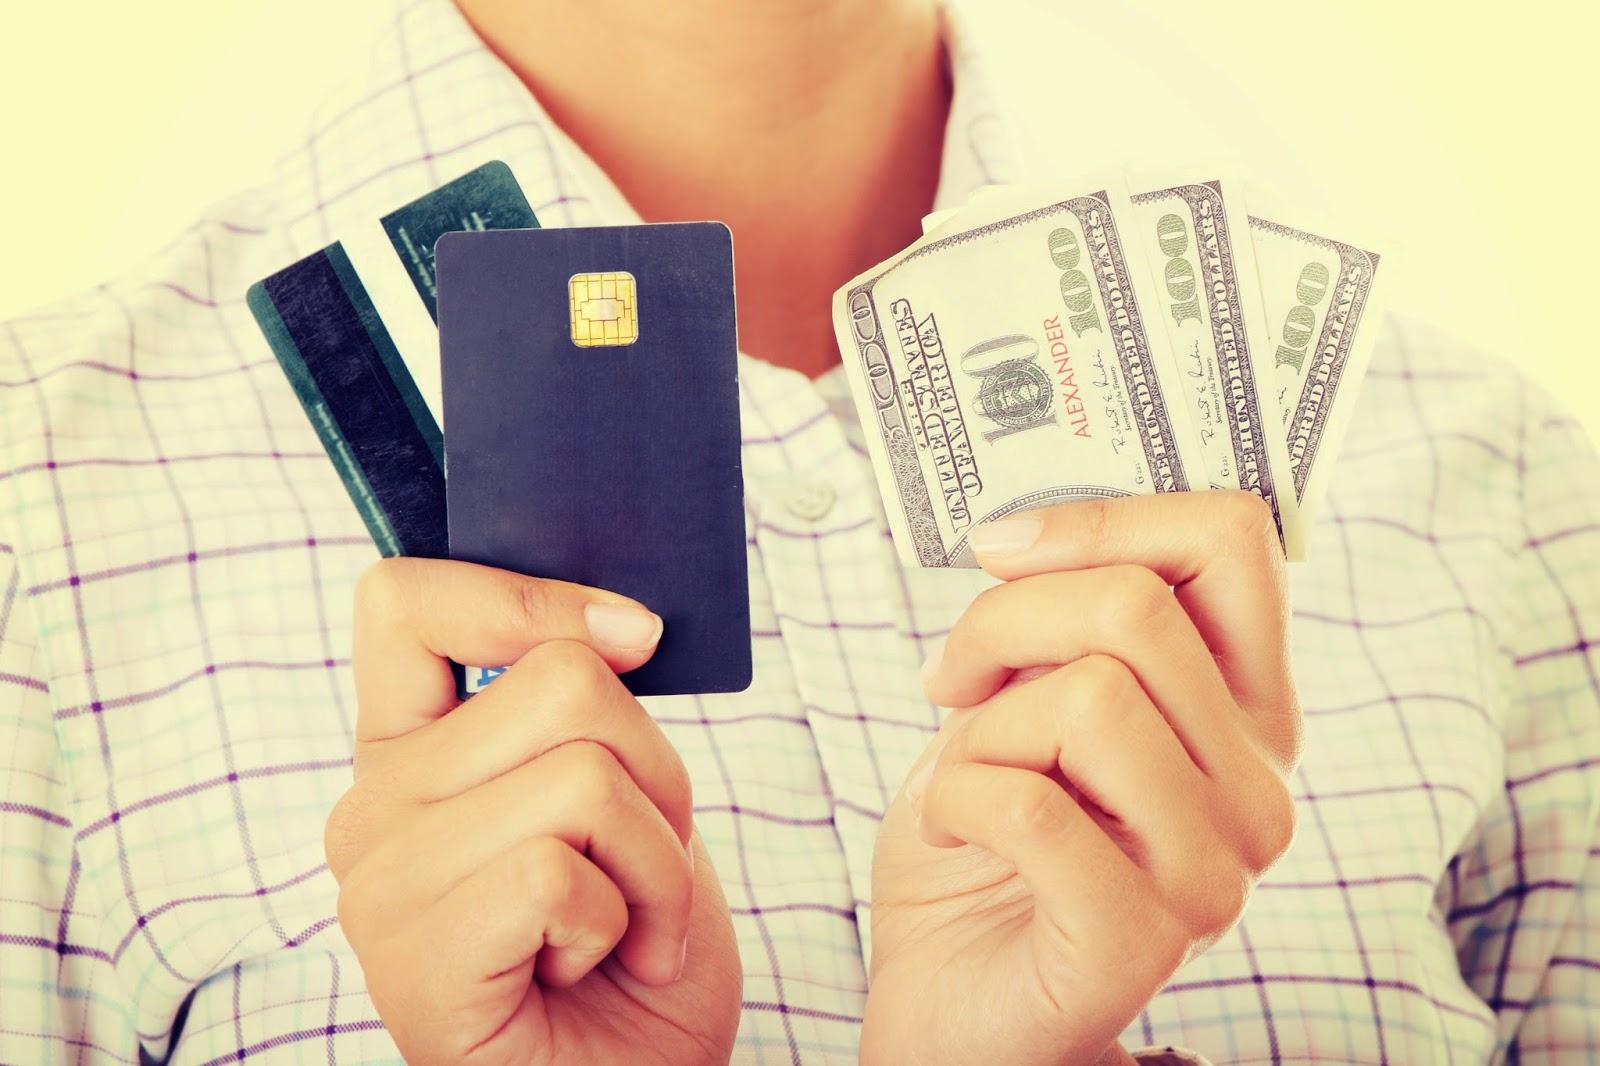 Карточка и доллары